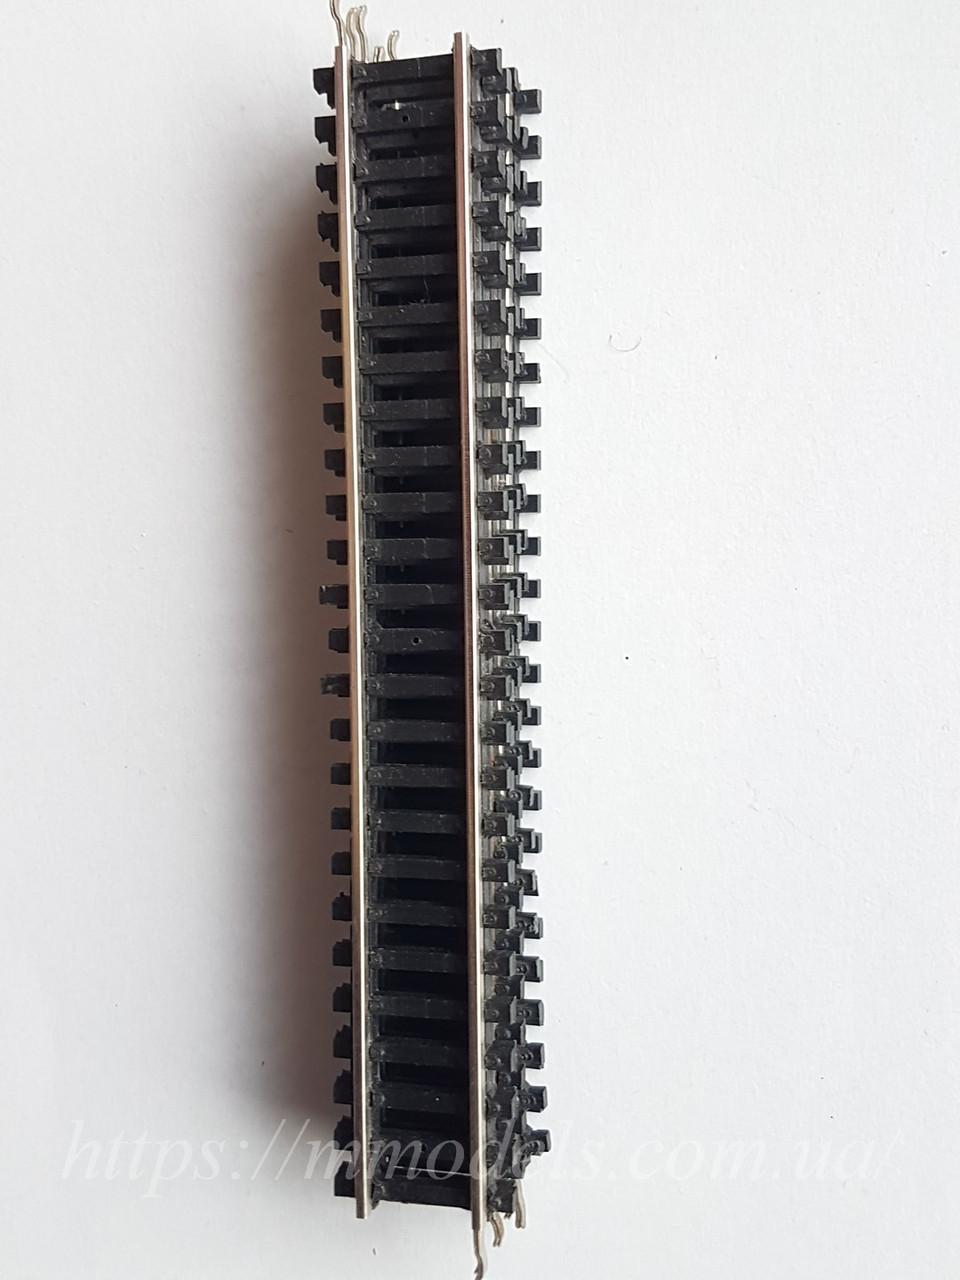 PIKO GDR Рельсовый материал П - образные прямые рельсы комплект 5штук + 3 в подарок, масштаба H0, 1:87